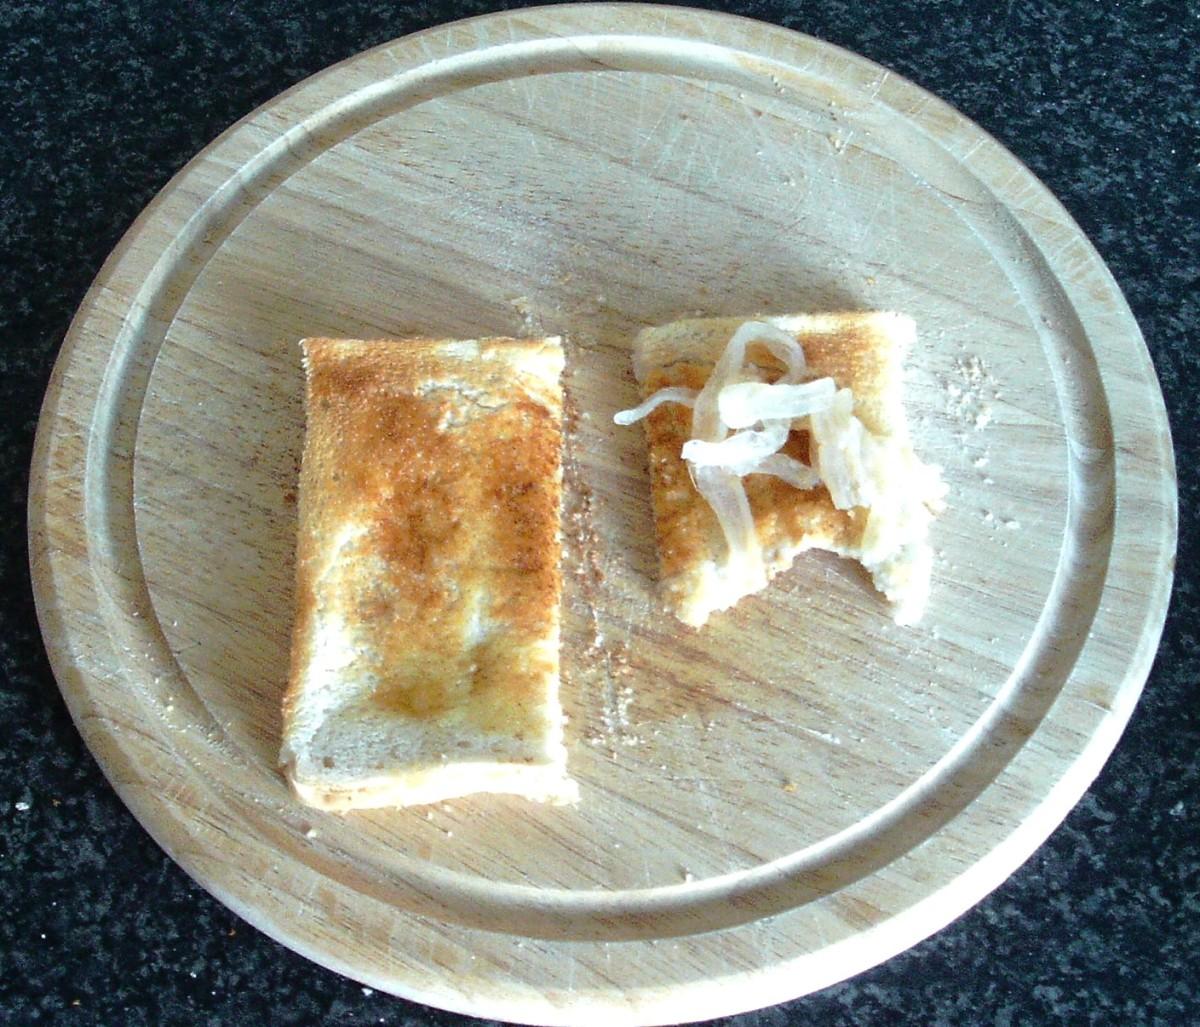 Jellyfish strips on toast